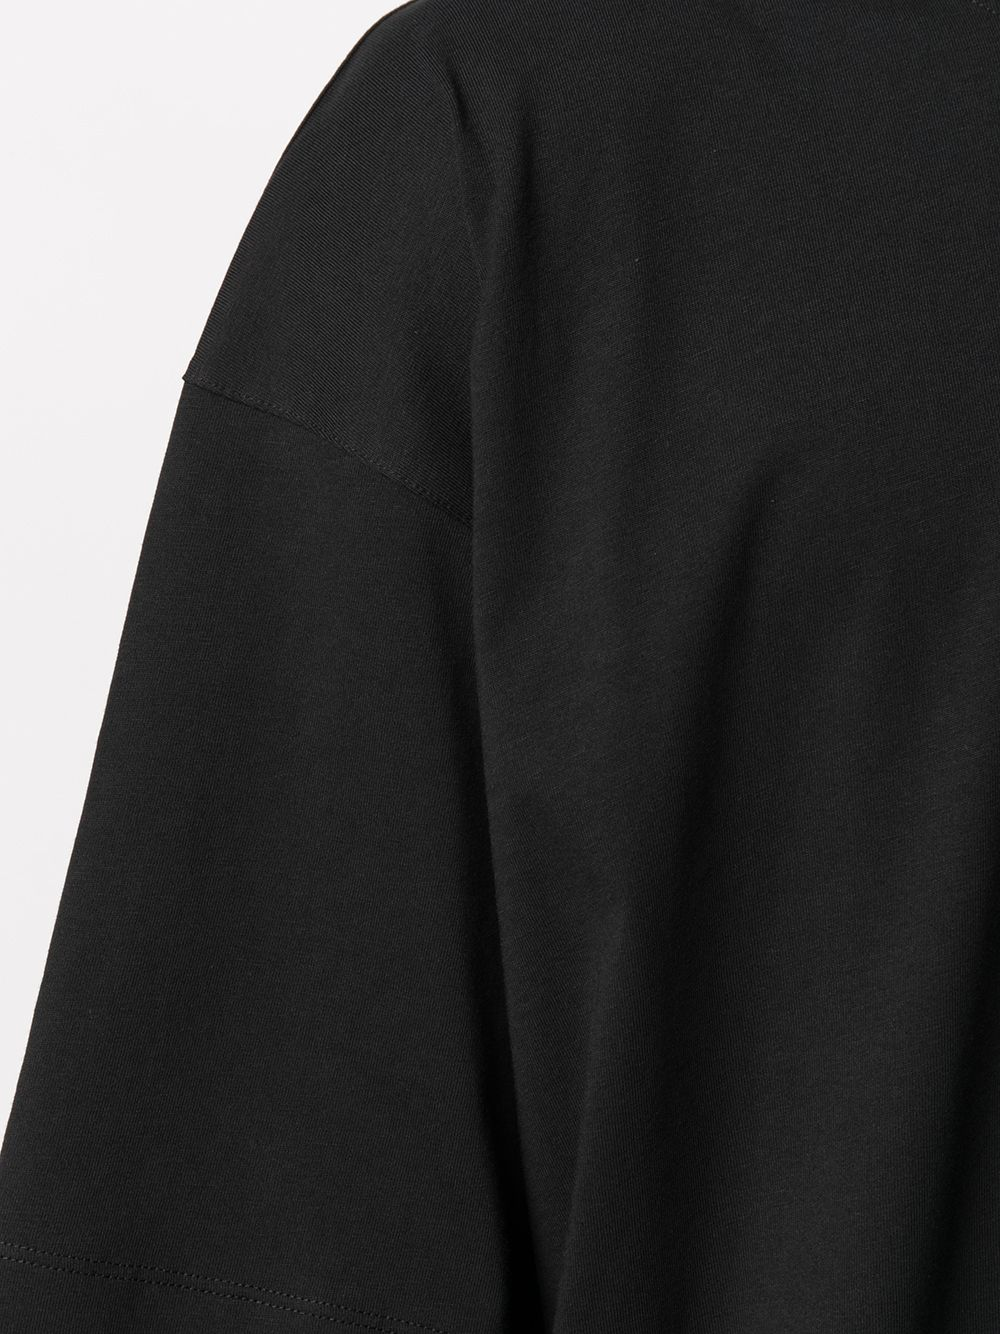 Hen t-shirt man black cotton DRIES VAN NOTEN   T-shirts   HEN2603BLACK